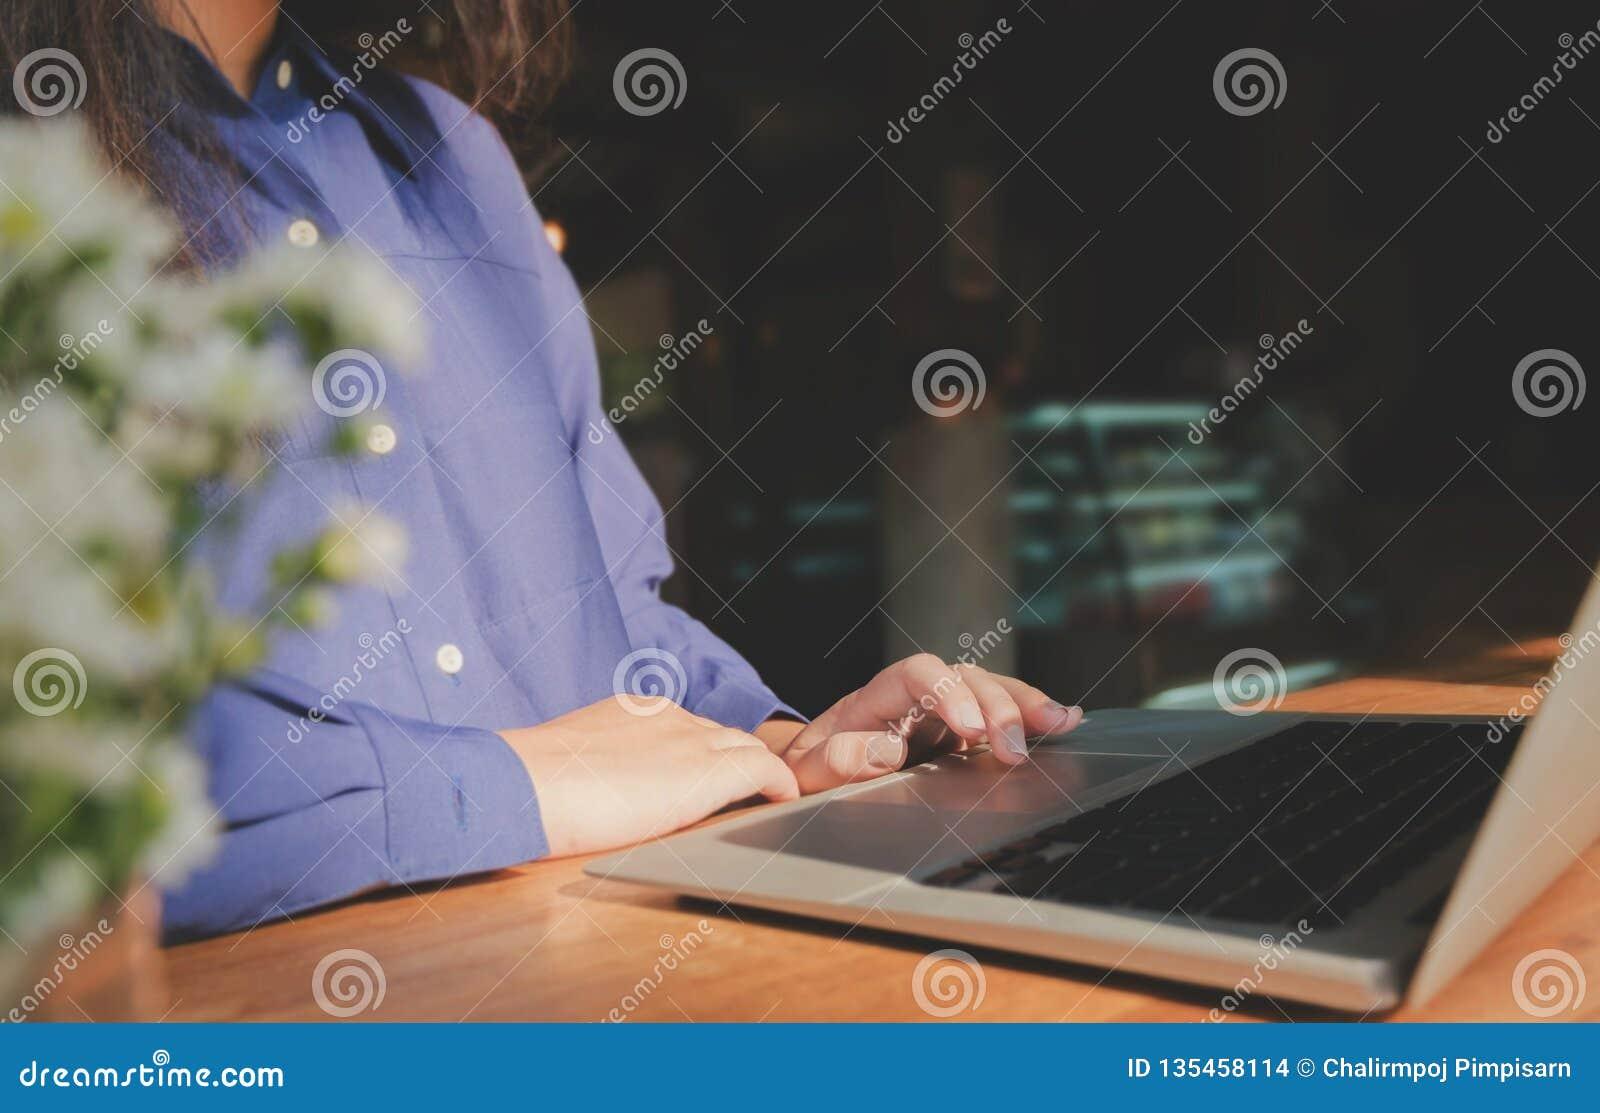 Het beeld van vrouwenhanden gebruikend/typend op laptop computer selecteerde nadruk op toetsenbord